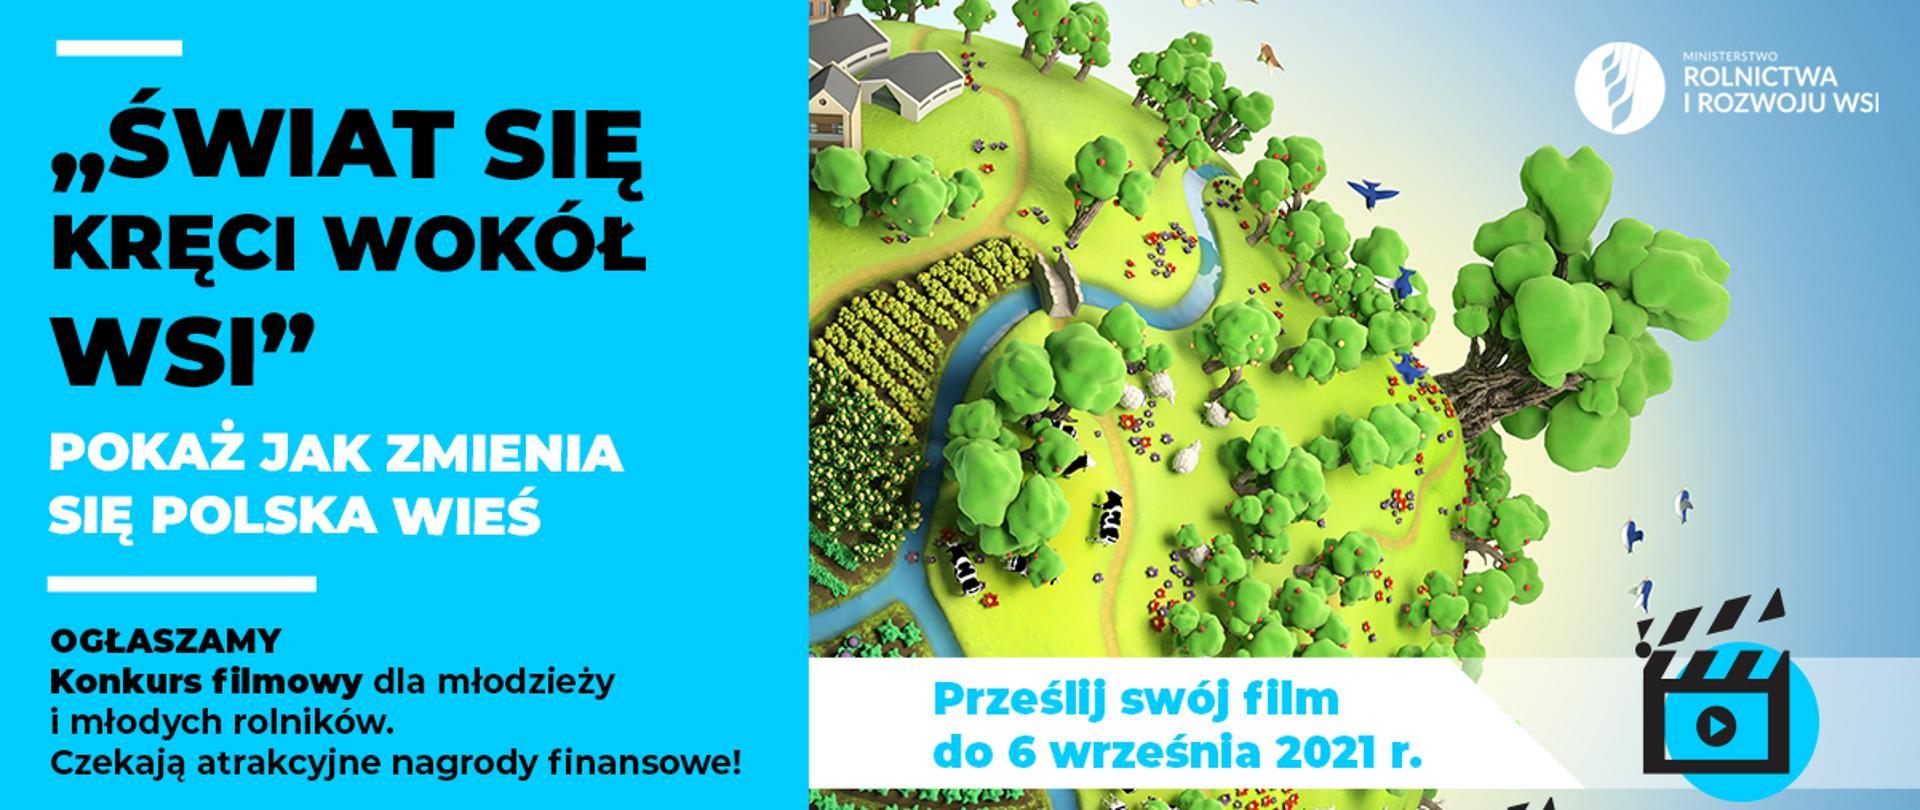 Plakat konkursowy, który jest podzielony na dwie części. Na części z lewej strony znajduje się informacje: Świat się kręci wokół wsi. Pokaż jak się zmienia polska wieś. Ogłaszamy konkurs filmowy dla młodzieży i młodych rolników. Czekają atrakcyjne nagrody finansowe. Z prawej strony znajduje się grafika przedstawiająca wieś: zabudowanie gospodarskie, ogródek warzywny, kawałek pola, trzy krowy, cztery owce - przez środek płynie rzeka, z prawej strony są drzewa nad którymi lecą ptaki. W prawym górnym rogu jest logo Ministerstwa Rolnictwa i Rozwoju Wsi. Na dole napis: pokaż swój film do 6 września 2021 r.